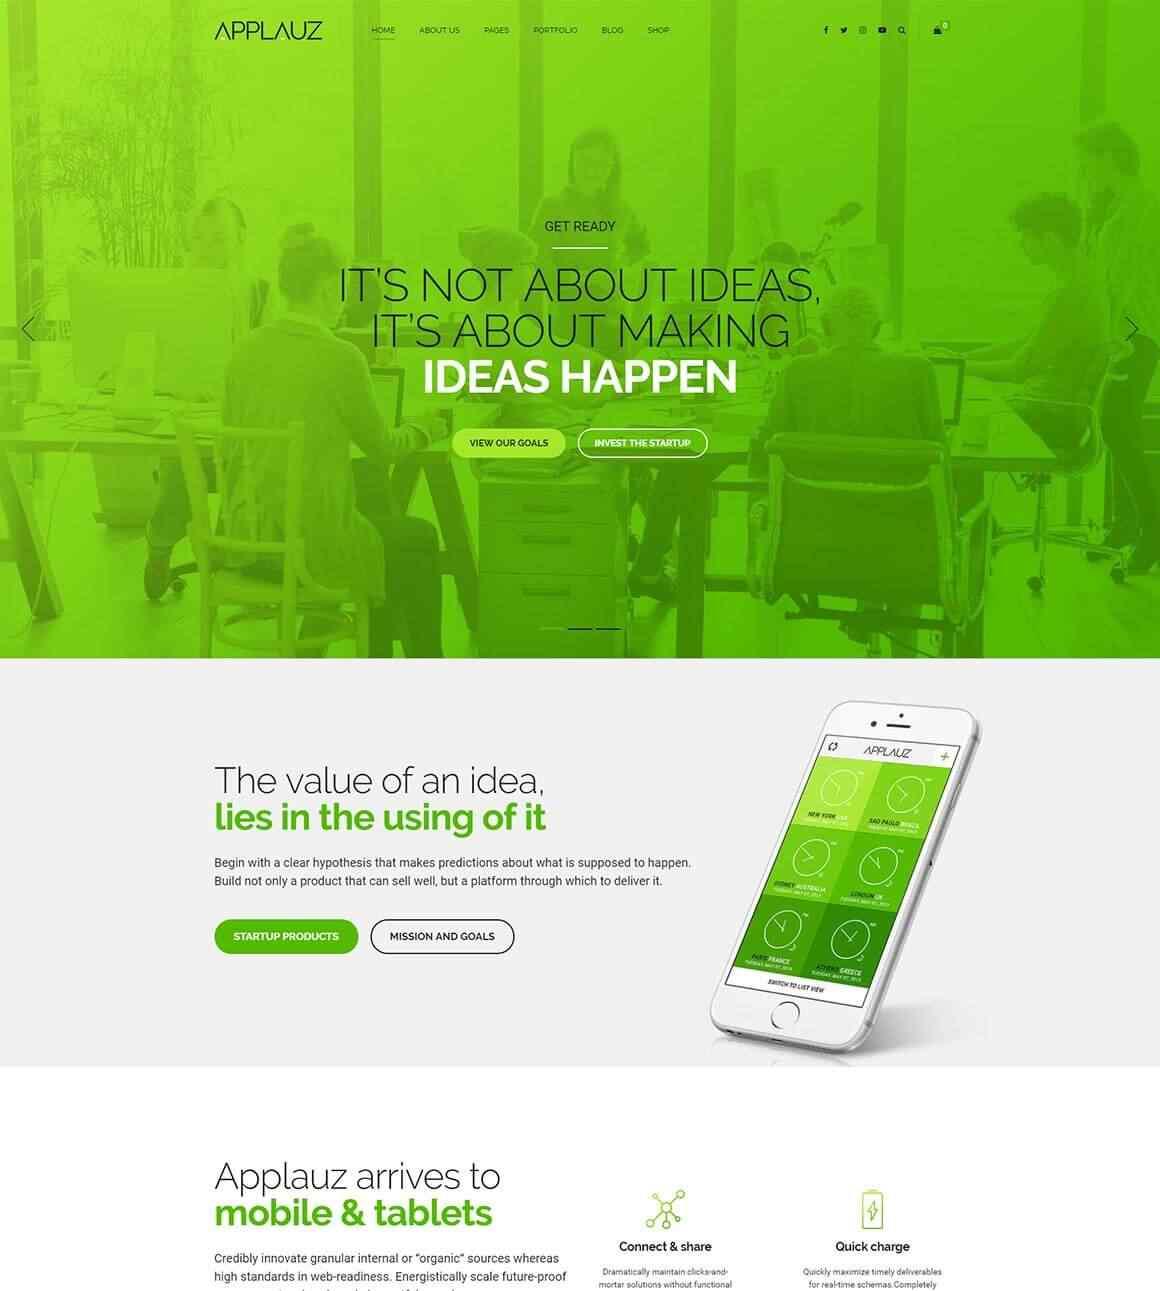 https://dremot.cz/wp-content/uploads/2017/11/Screenshot-Startup.jpg